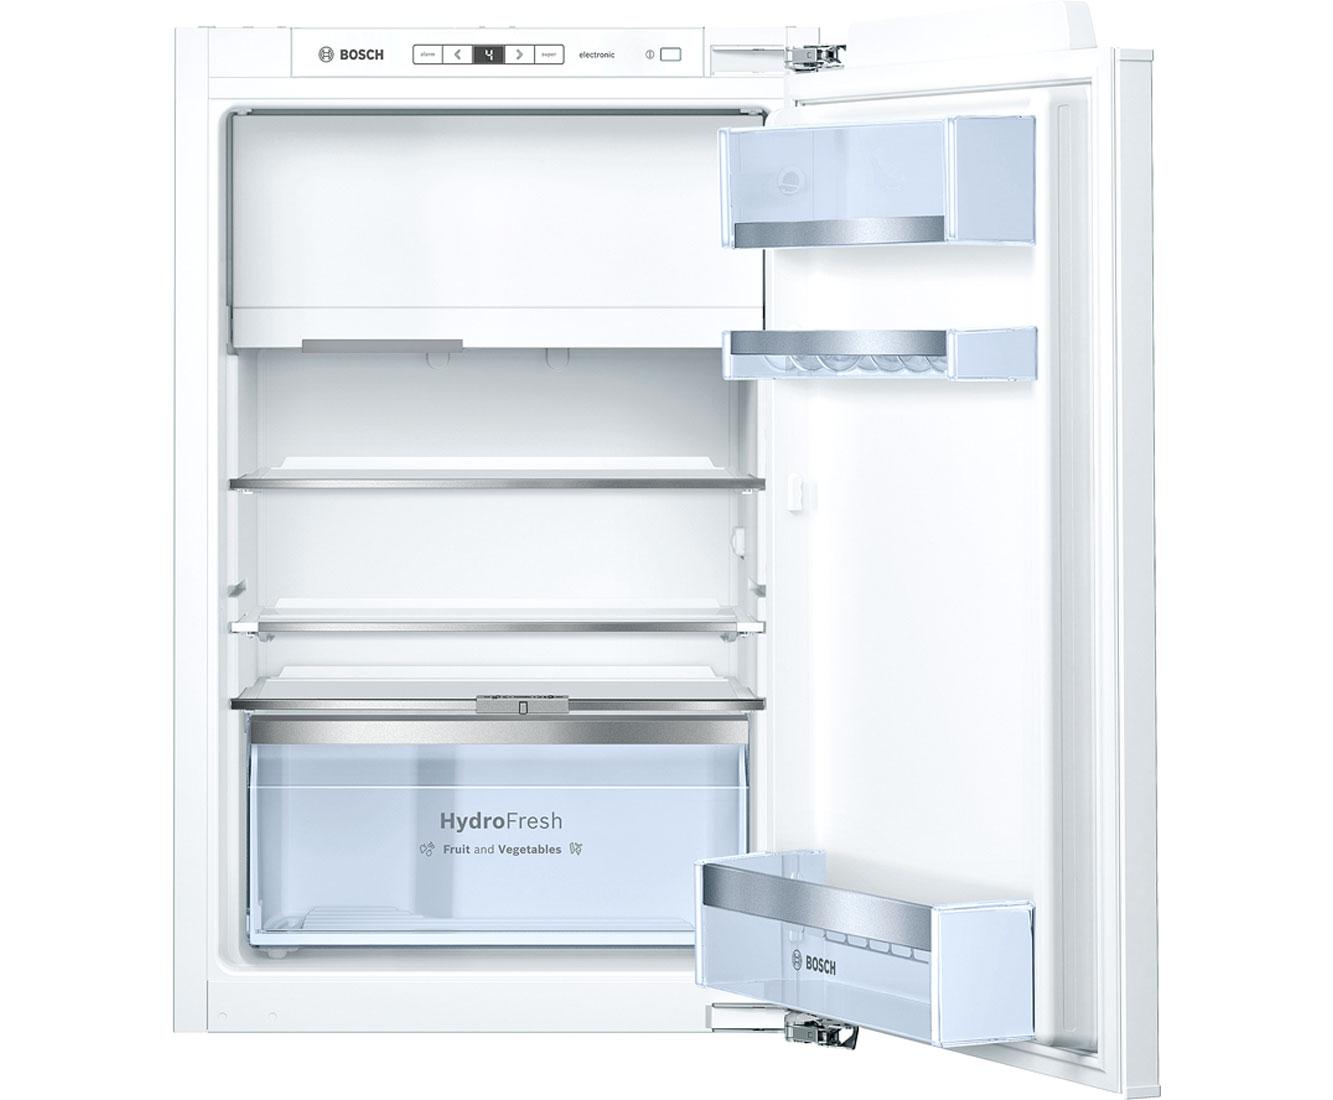 Bosch KIL22AF40 Einbau Kühlschrank Mit Gefrierfach   88er Nische,  Festtür Technik, A+++